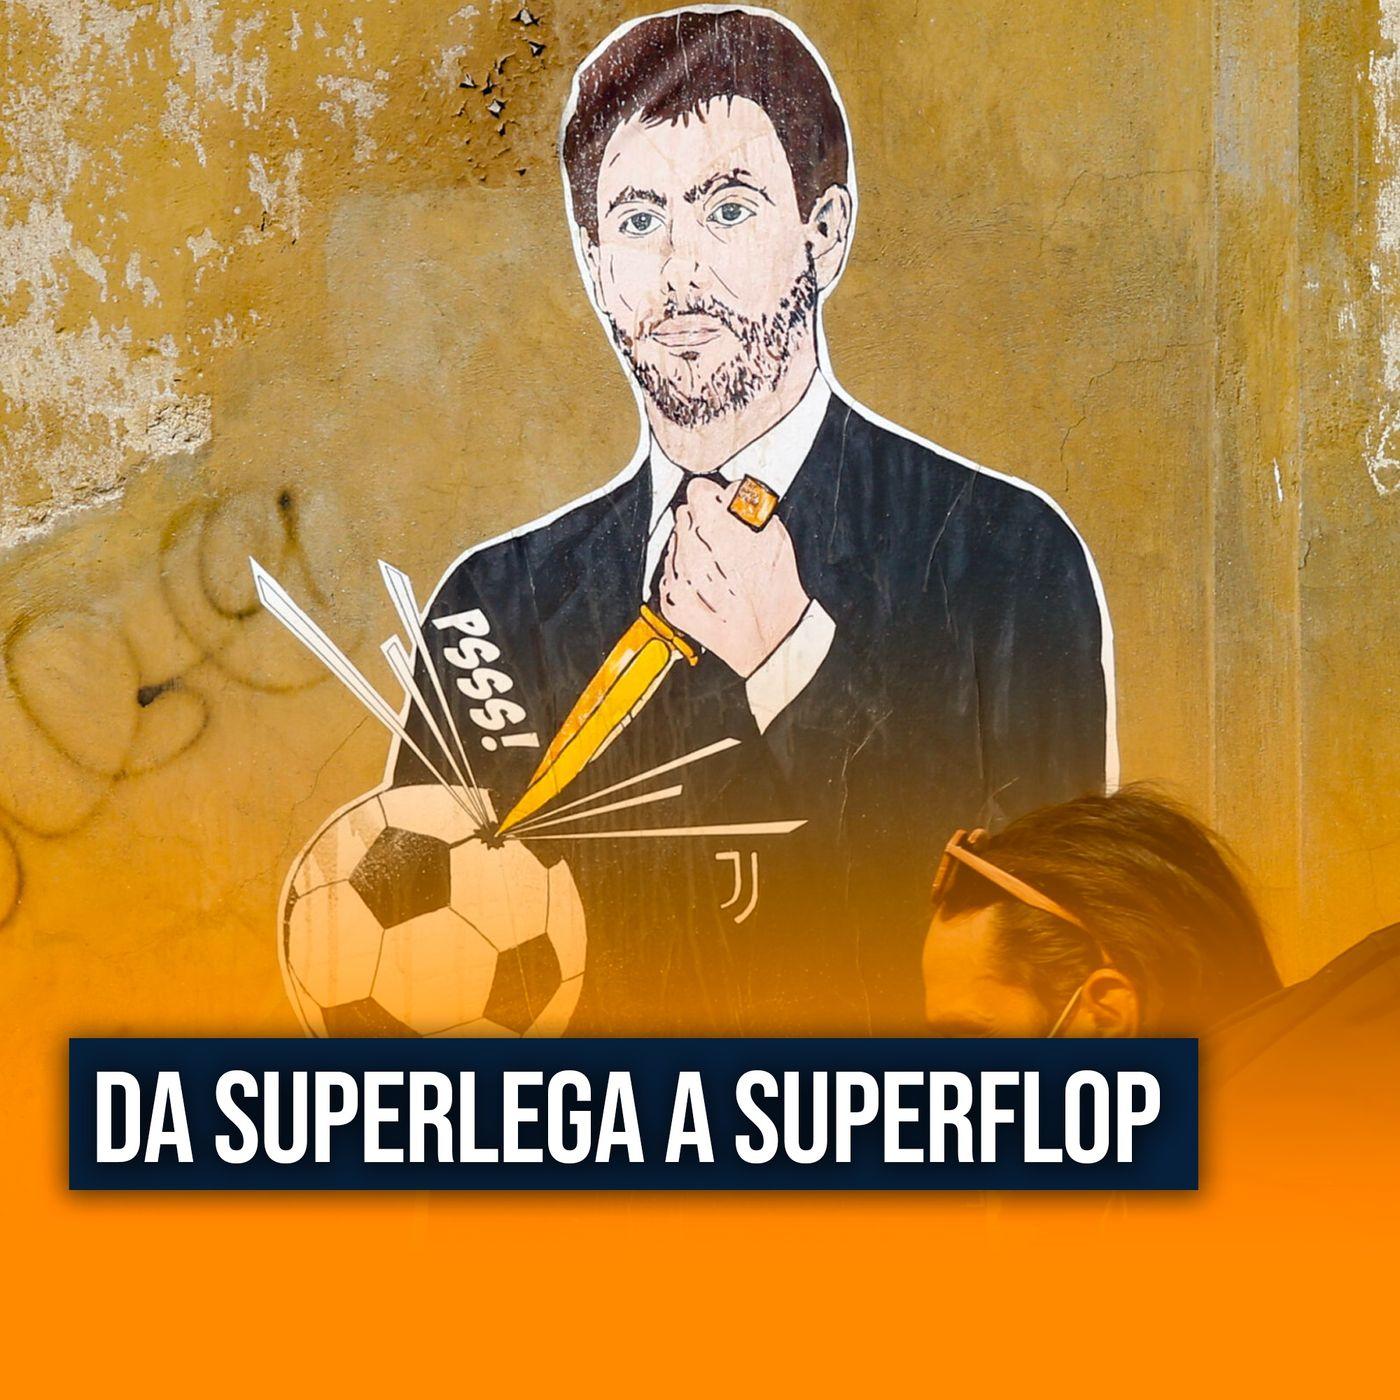 Da Superlega a SuperFlop